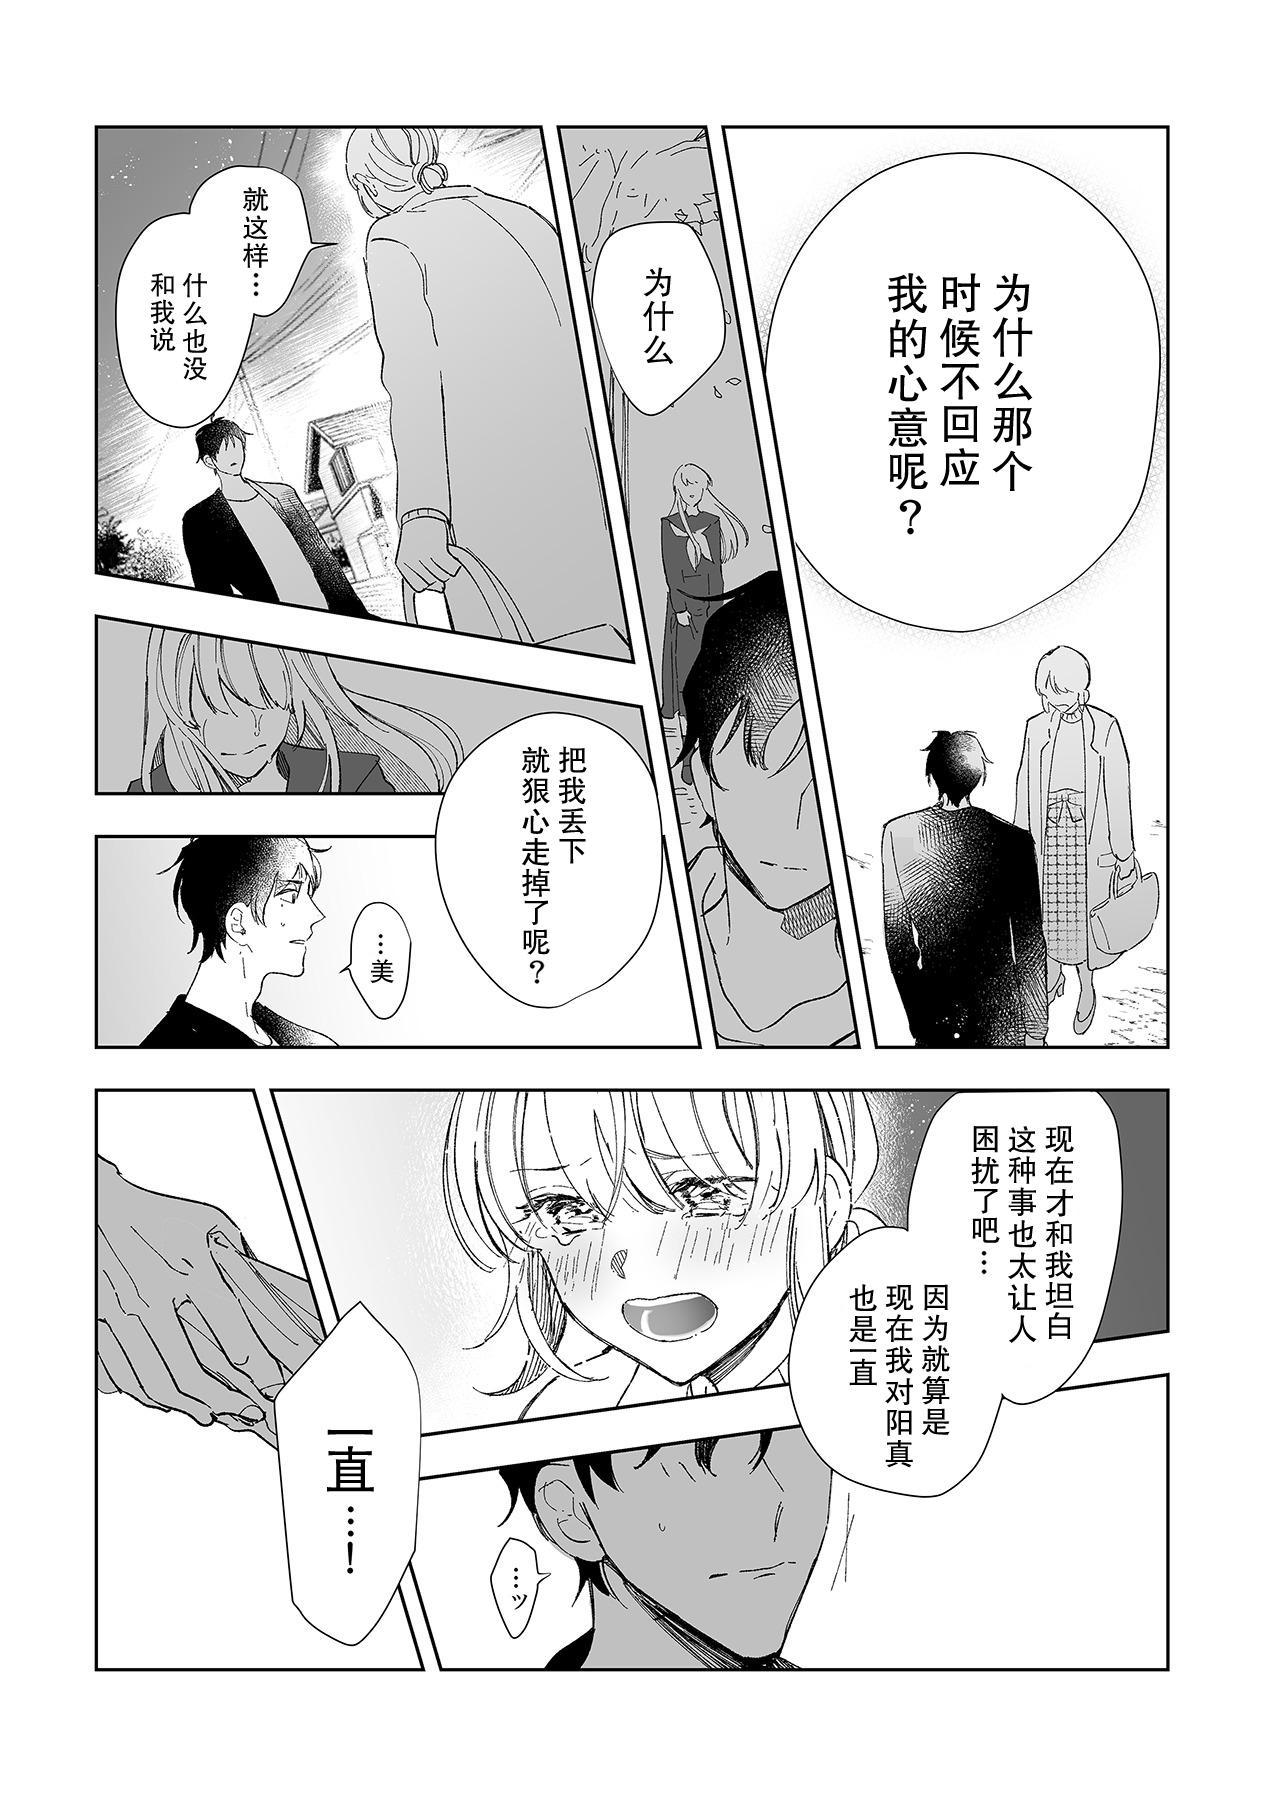 [Ryo] Osananajimi ja tarinai ~ seitai-shi no shigi wa yasashiku zuru i ~   无法满足于青梅竹马的关系~推拿师他的指技又厉害又狡猾~ Ch. 1-2 [Chinese] [莉赛特汉化组] 13